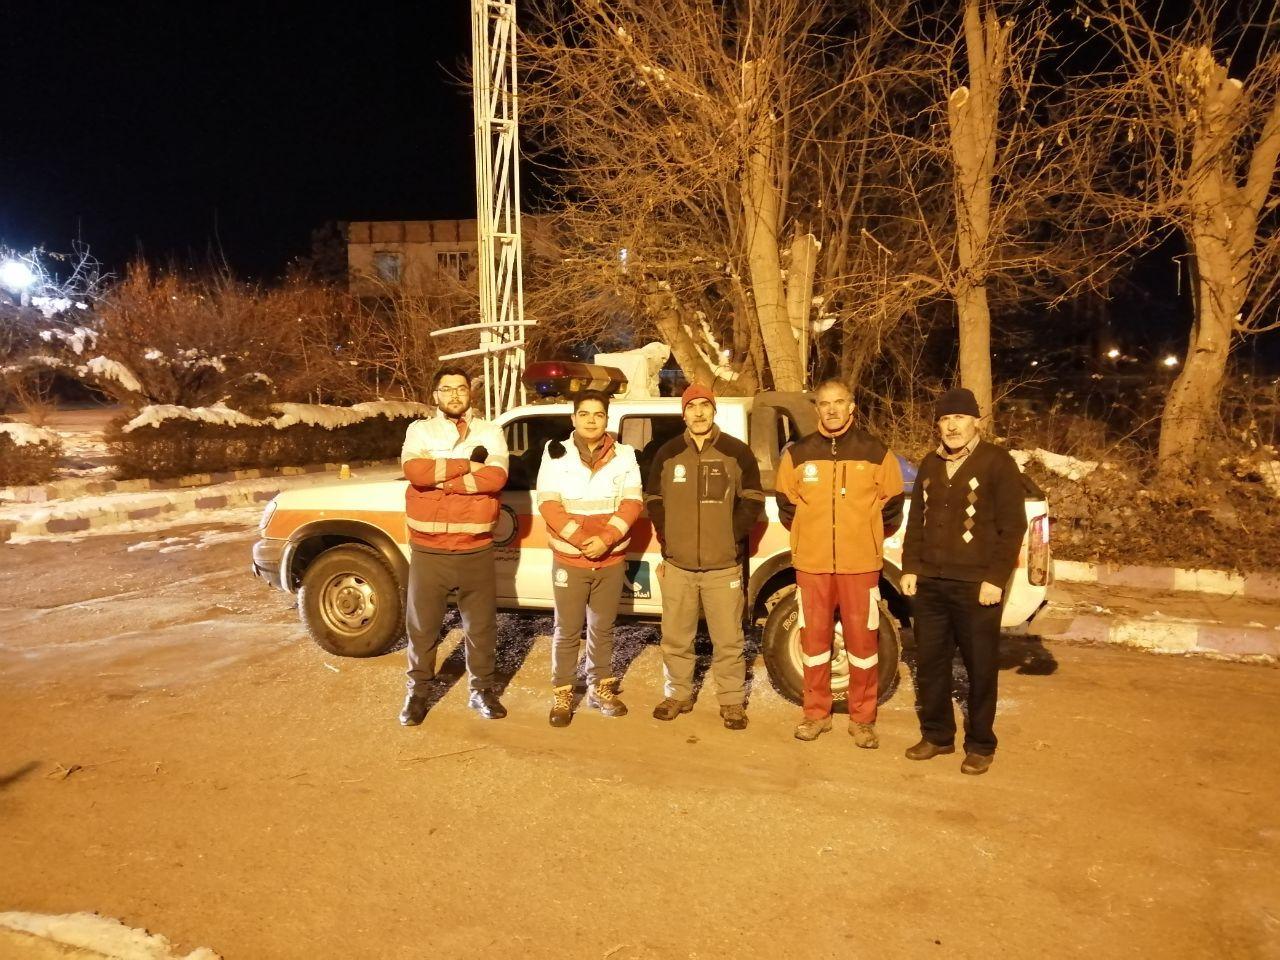 اعزام یک تیم هلال احمر از قوچان به مناطق سیل زده جنوب و جنوب شرق کشور